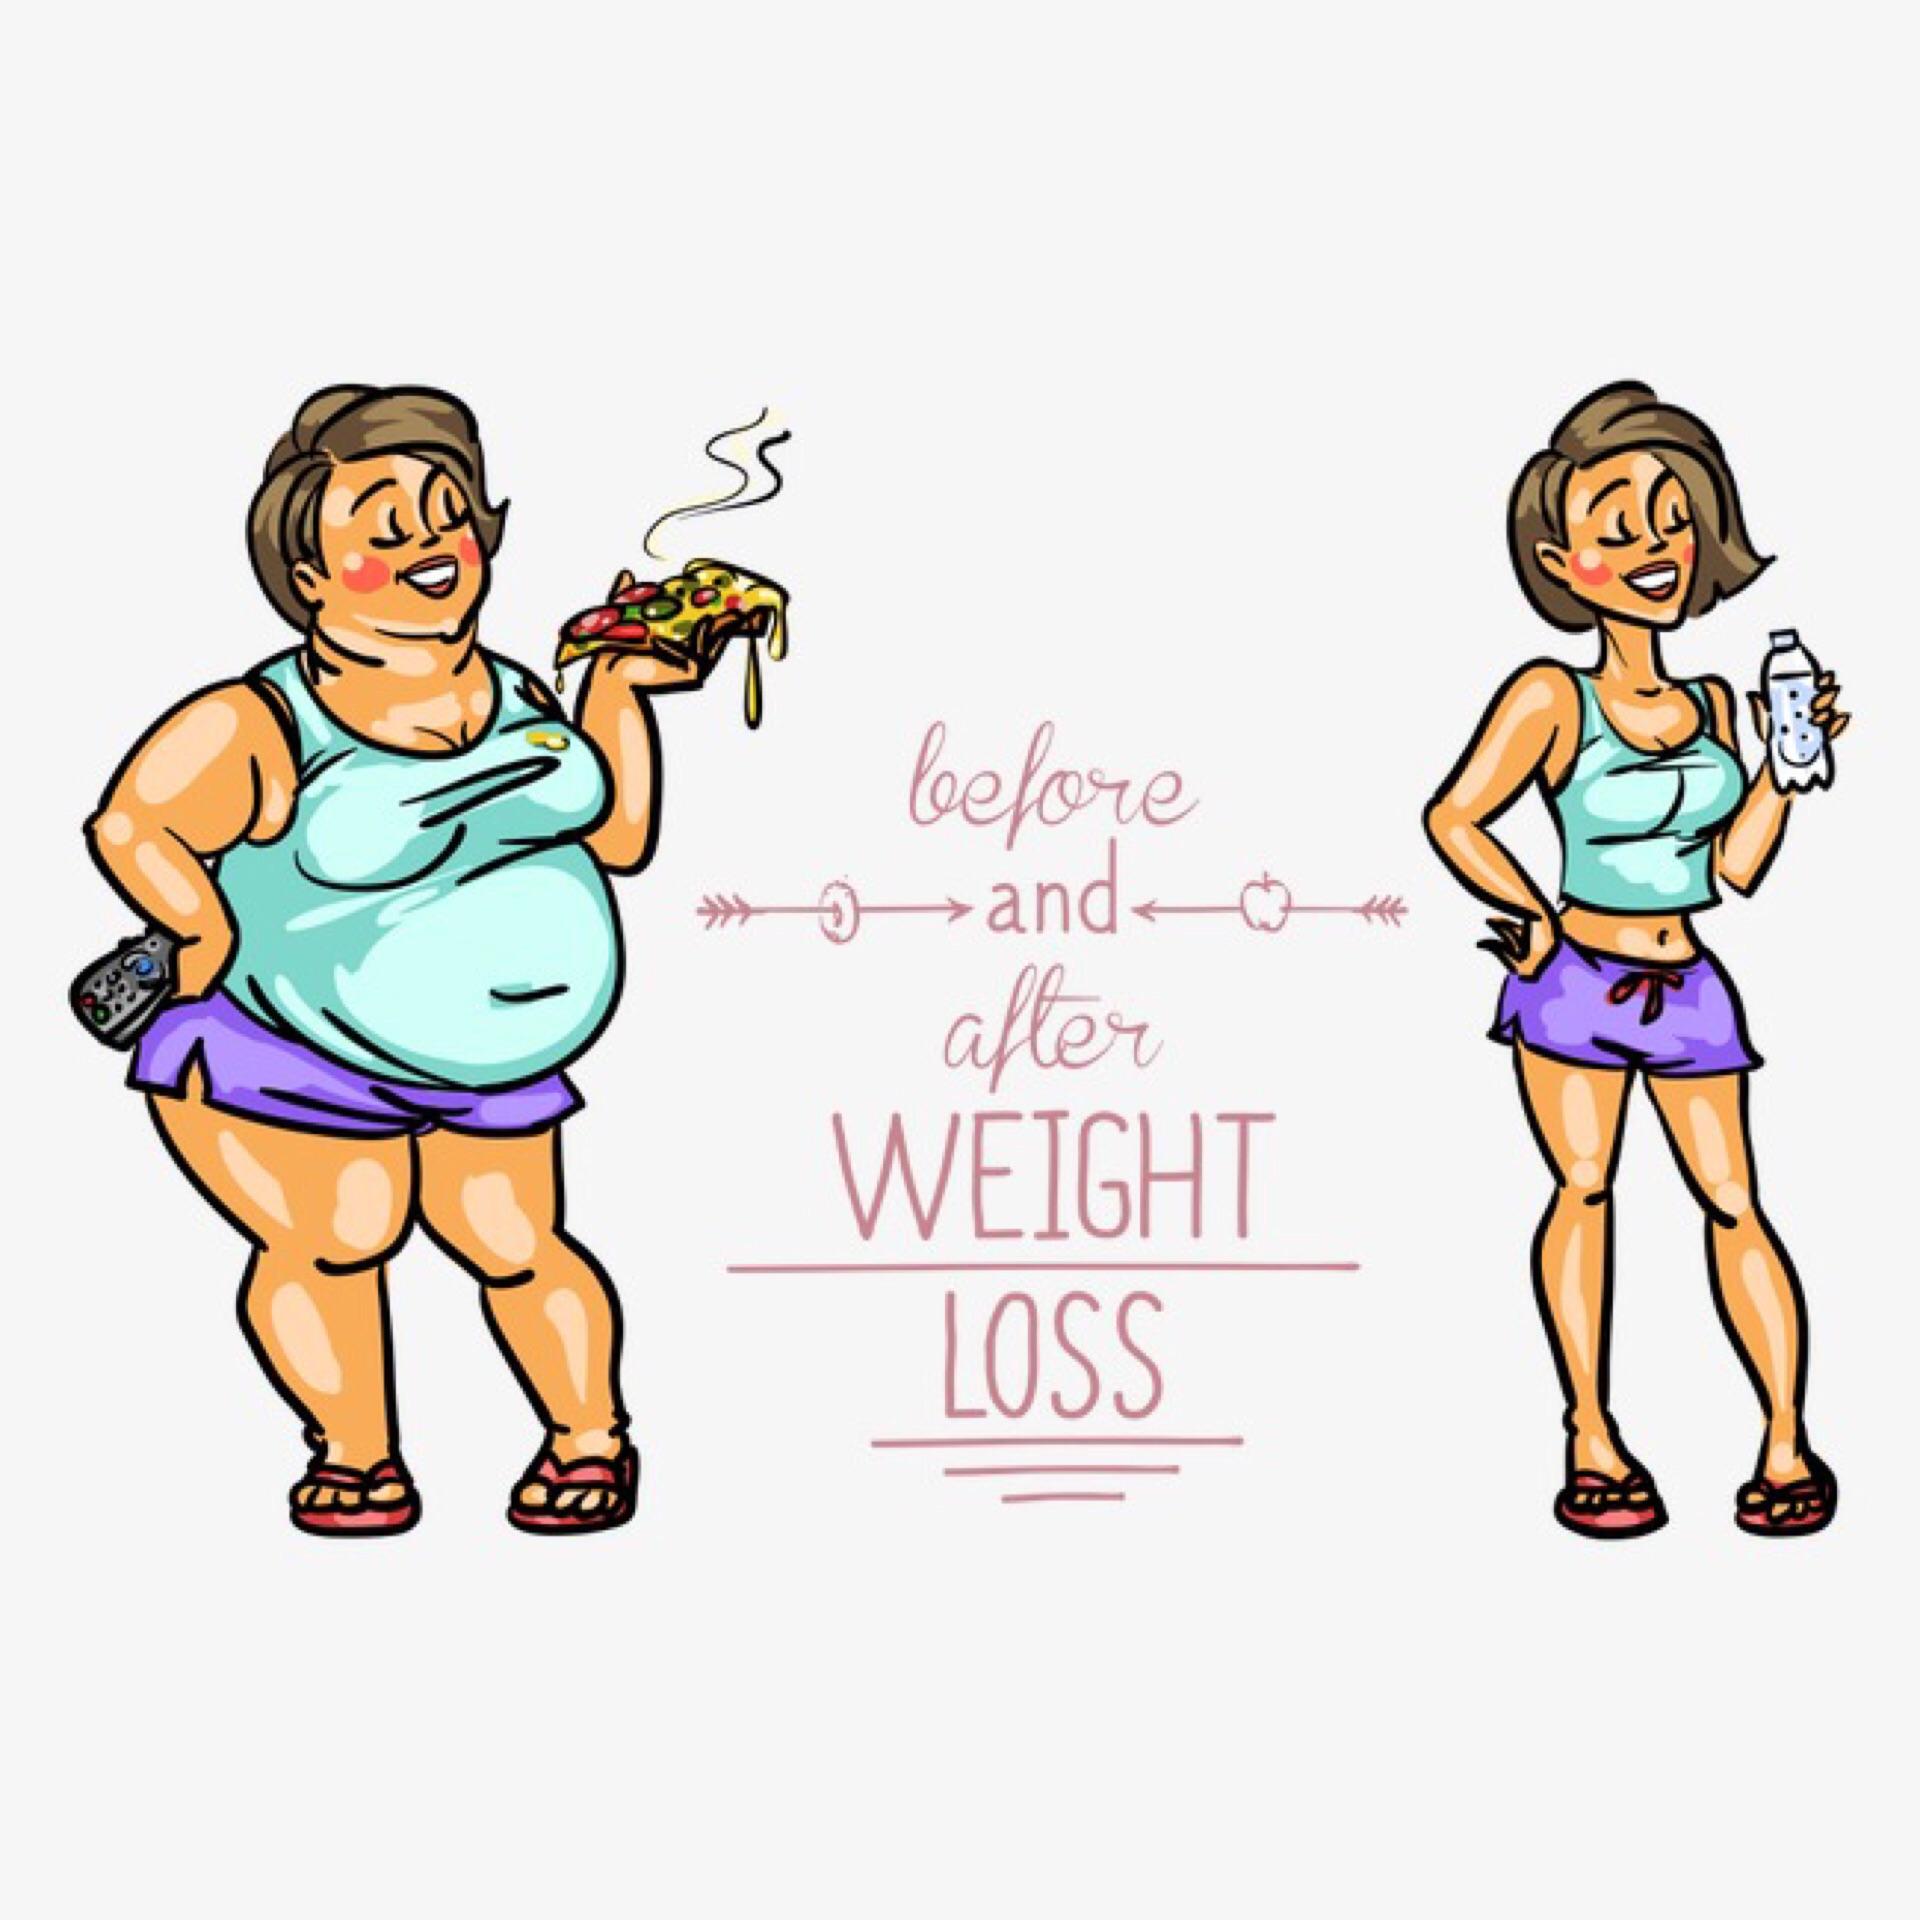 Картинки до после похудения смешные